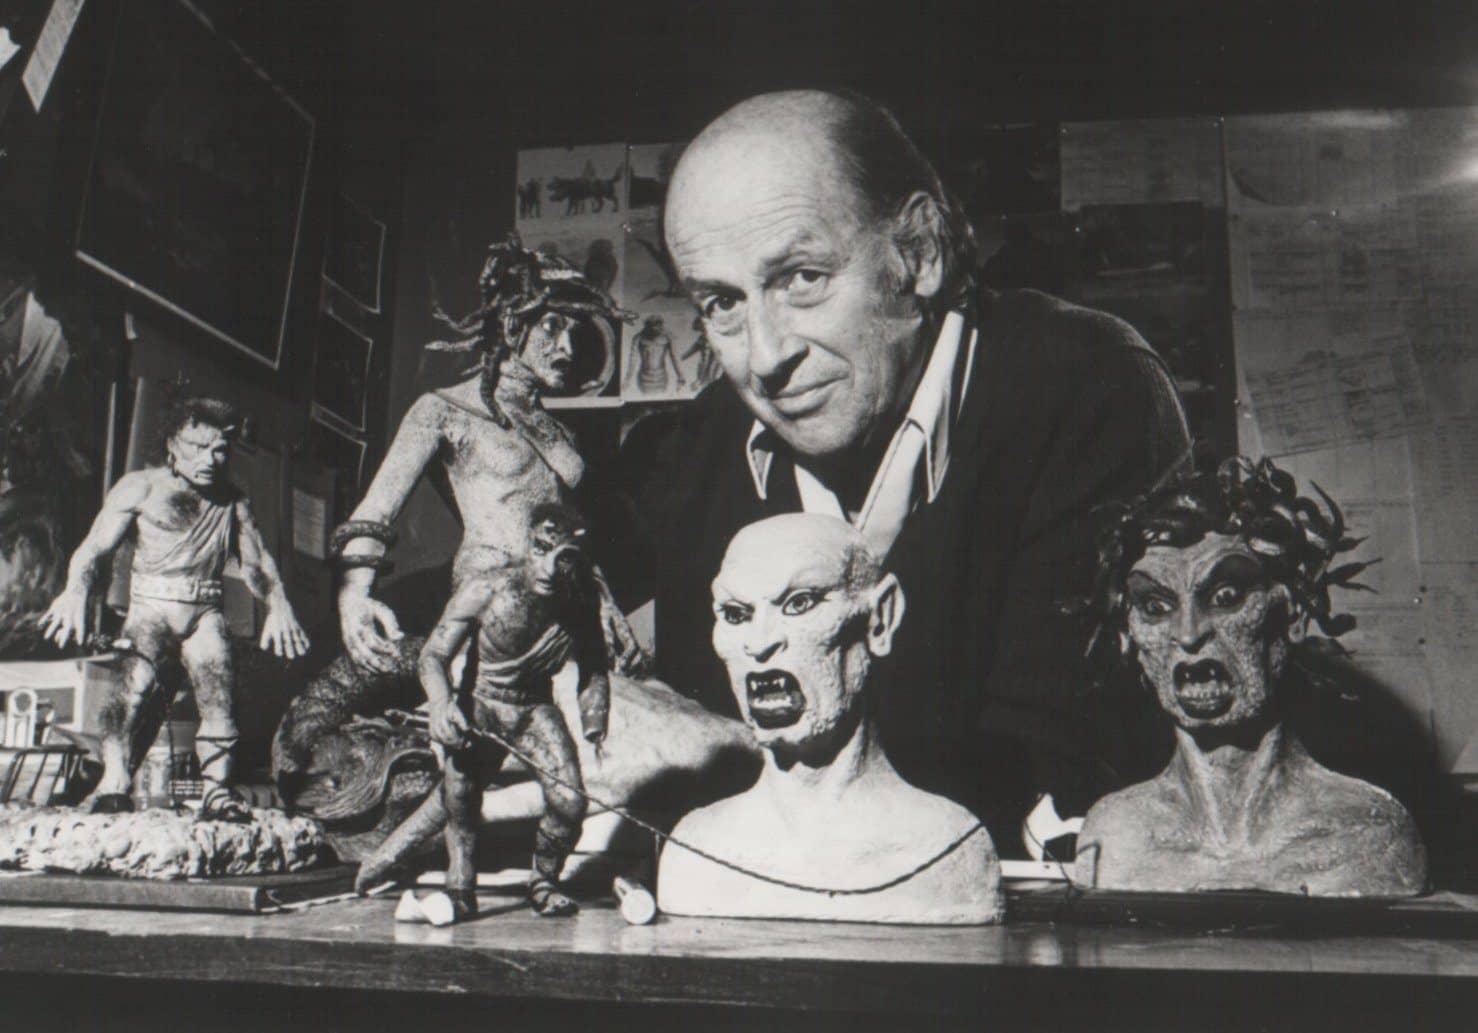 Ray Harryhausen, o rei dos efeitos especiais e animação em stop motion e que criou os efeitos de Jasão e os Argonautas, Sinbad, Fúria de Titãs